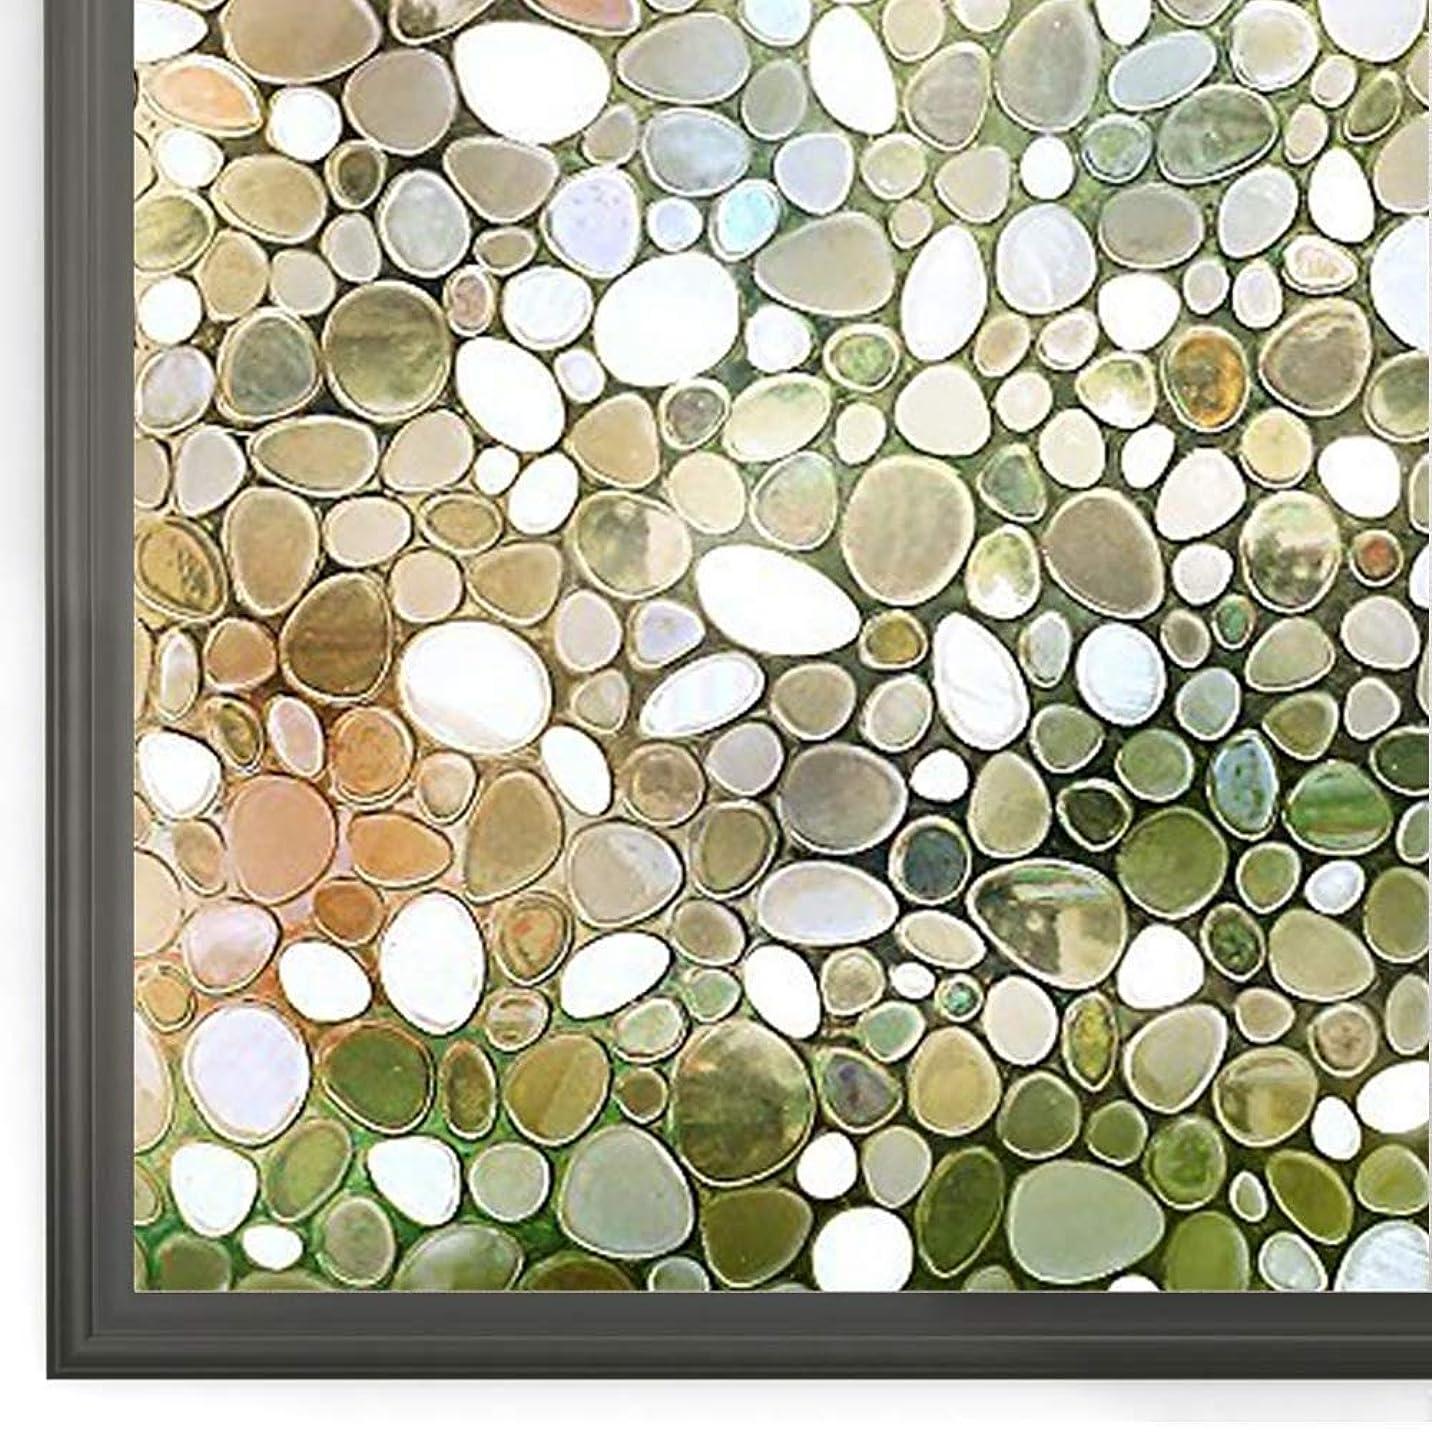 ビーズサンドイッチバッテリーRabbitgoo 窓 めかくしシート 貼ってはがせる窓ガラスフィルム 光によってはステンドグラスシール 外から見えない窓用フィルム 96%UVカット窓ガラス目隠しシート おしゃれな窓飾り 紫外線対策 窓めかくし 窓ピタフリーカット 飛散防止防犯防災 遮光断熱結露防止 まどの硝子サッシシールふぃるむ 賃貸網入りガラス適用(レトロ水玉 44.5 x 200cm)